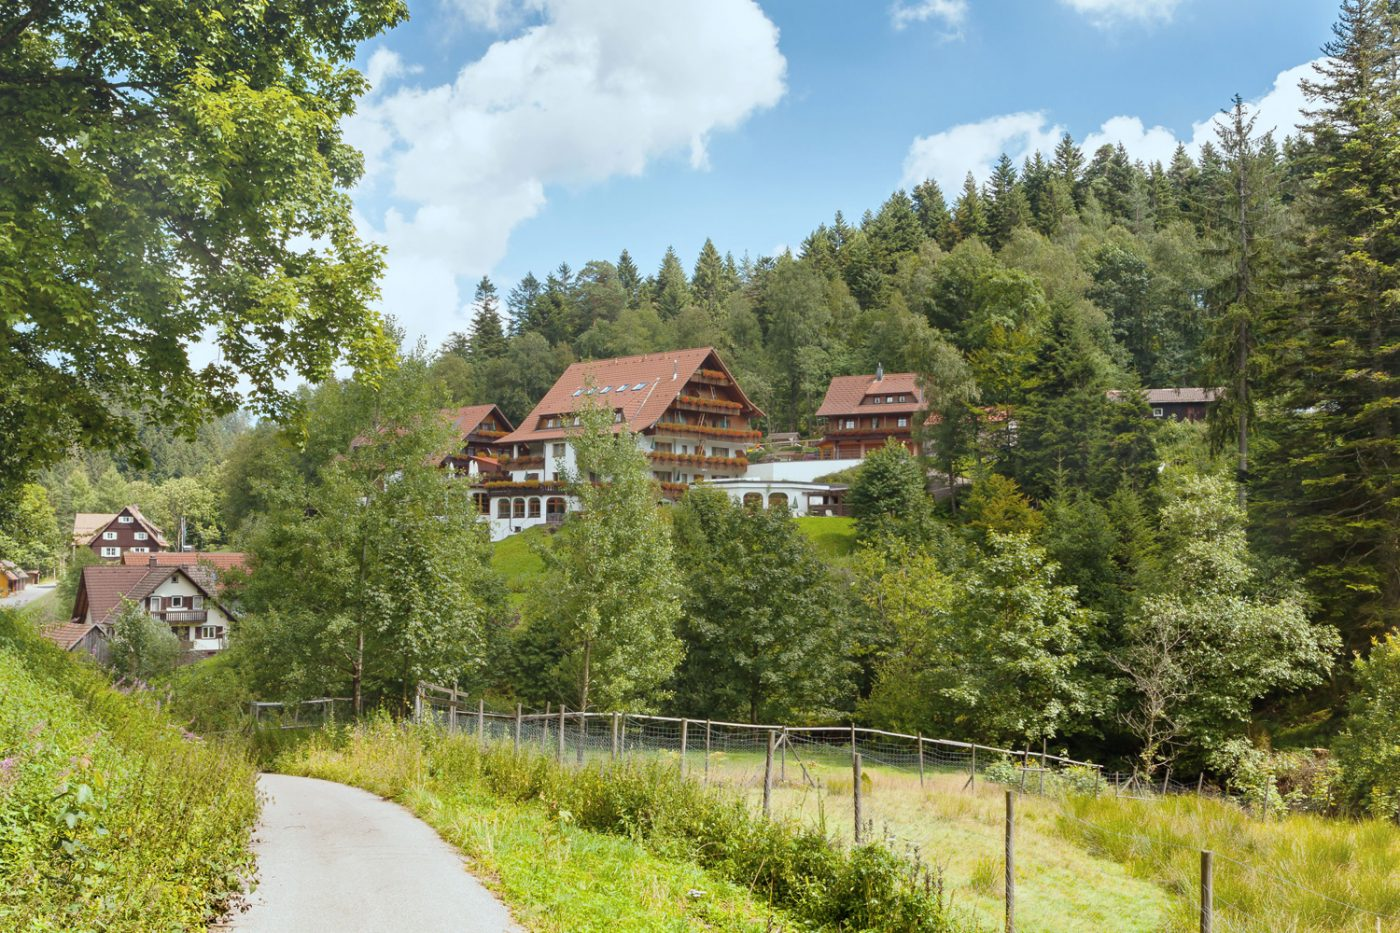 Ein Waldstück mit typischen Häusern im Schwarzwald.